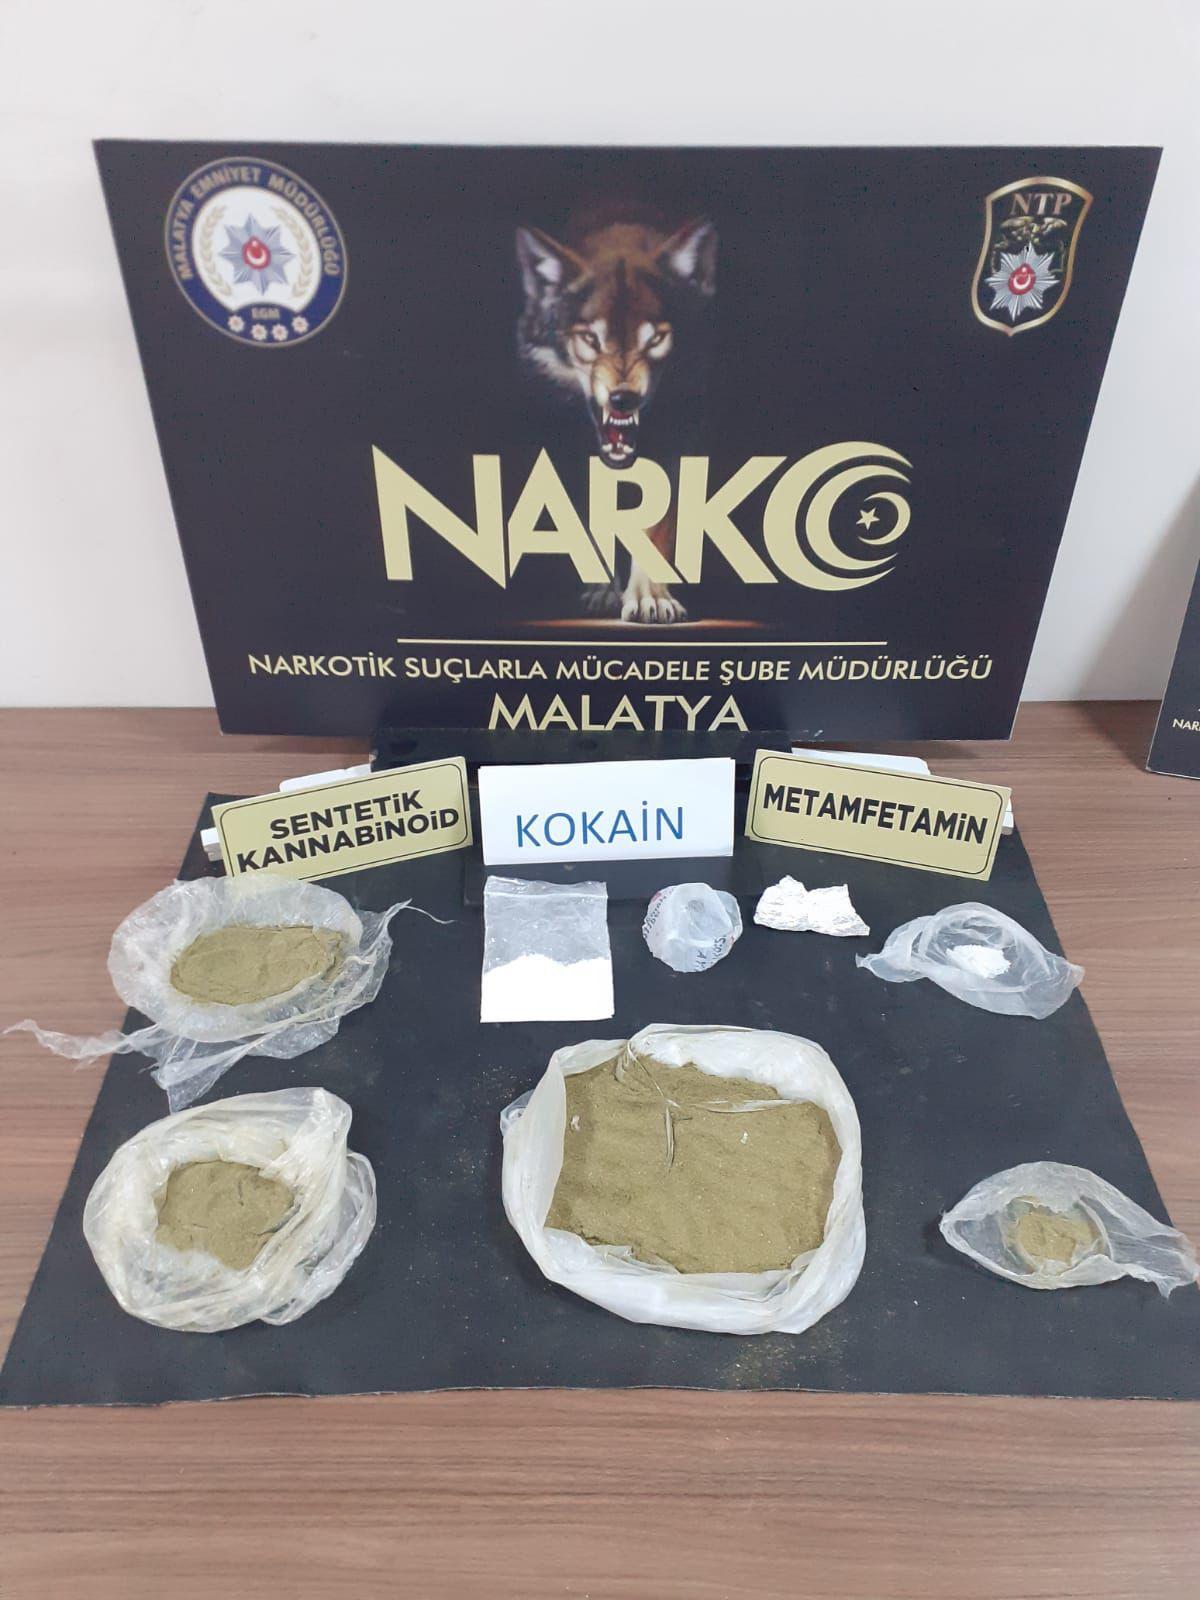 Narkotik 'ten Sokak Satıcılarına Operasyon